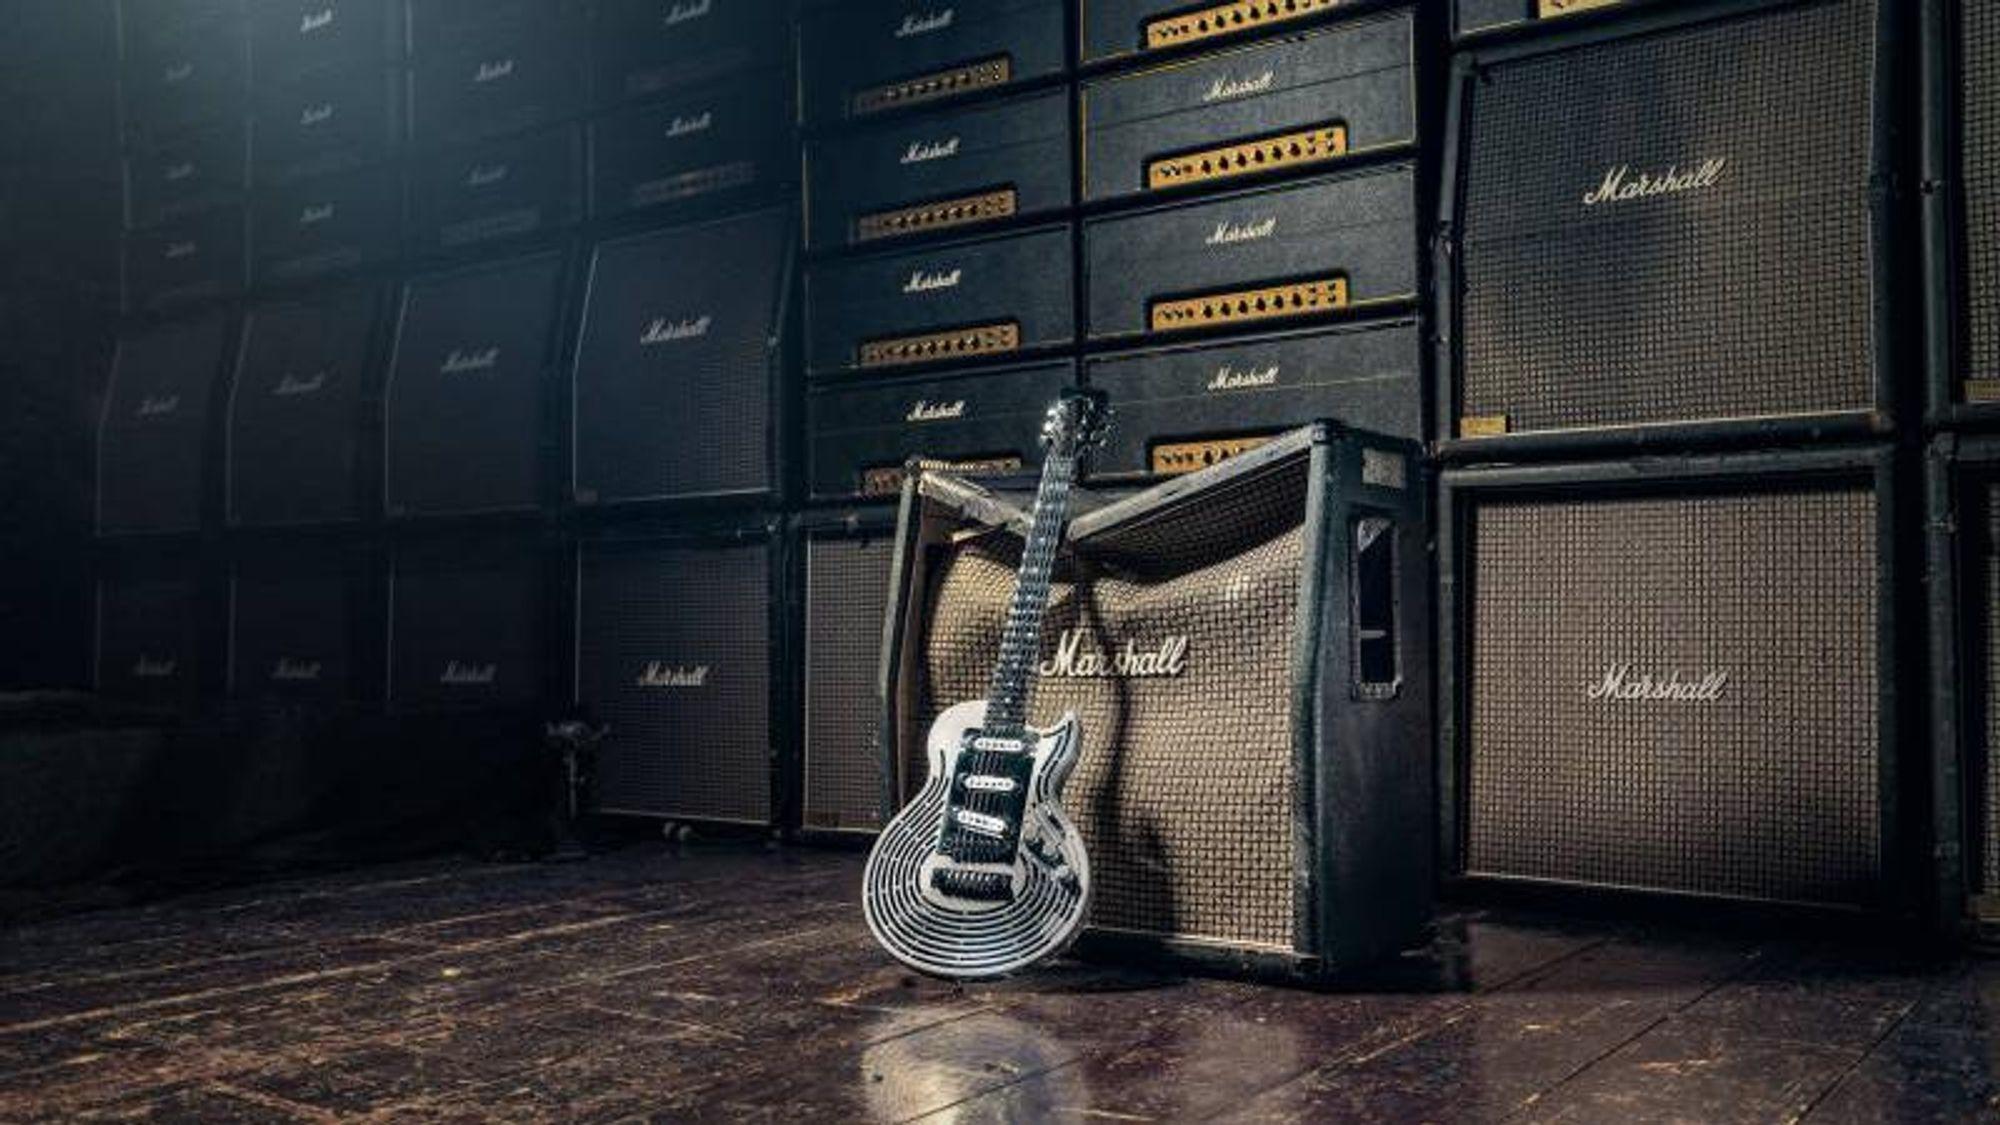 Selve kroppen til gitaren er 3D-printet og består blant annet av titan.